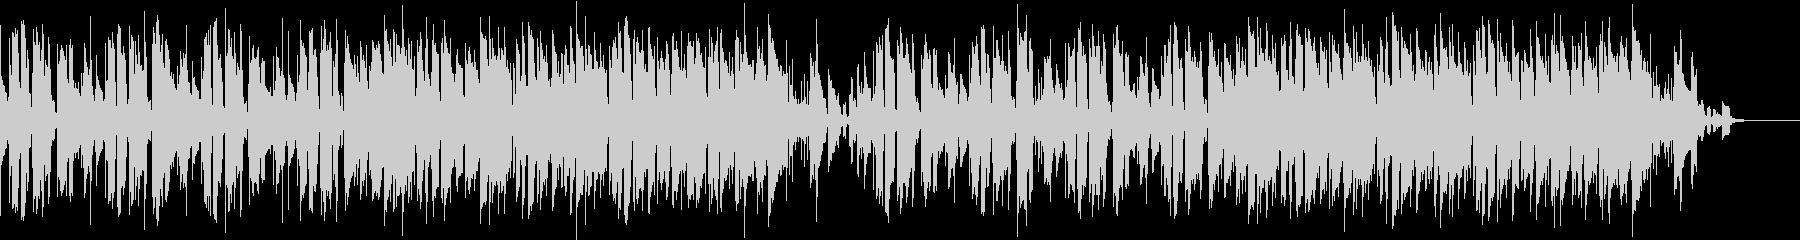 ドラムレスのリズムが印象的なポップギターの未再生の波形